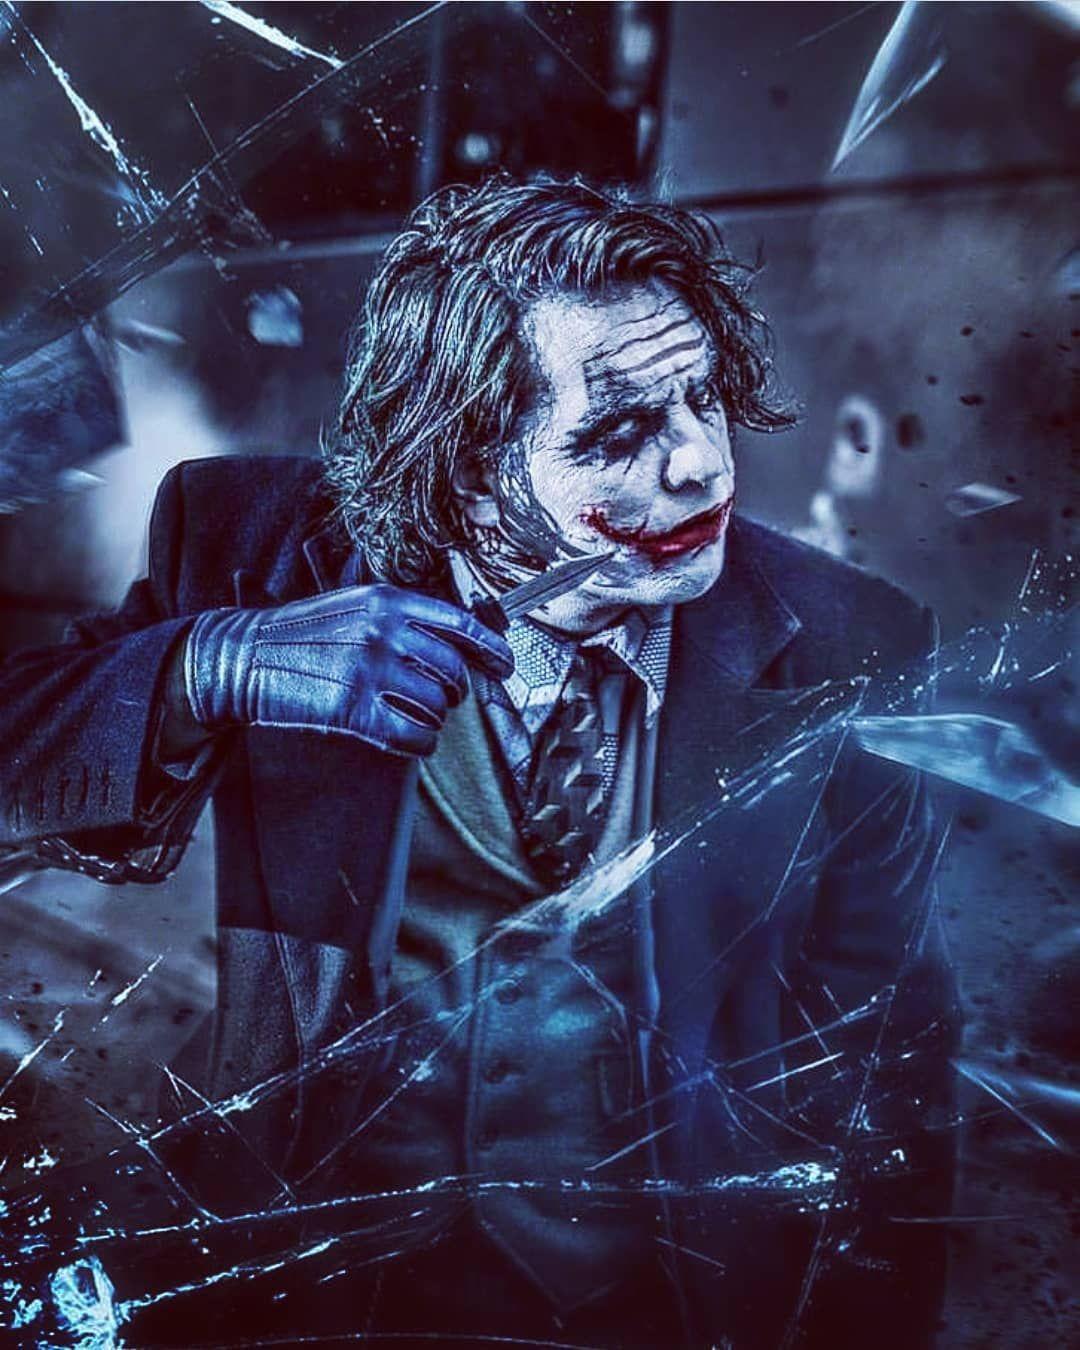 Joker Batman Wallpaper Joker Batman Why so serious Joker– HD HQ Wallpapers Download